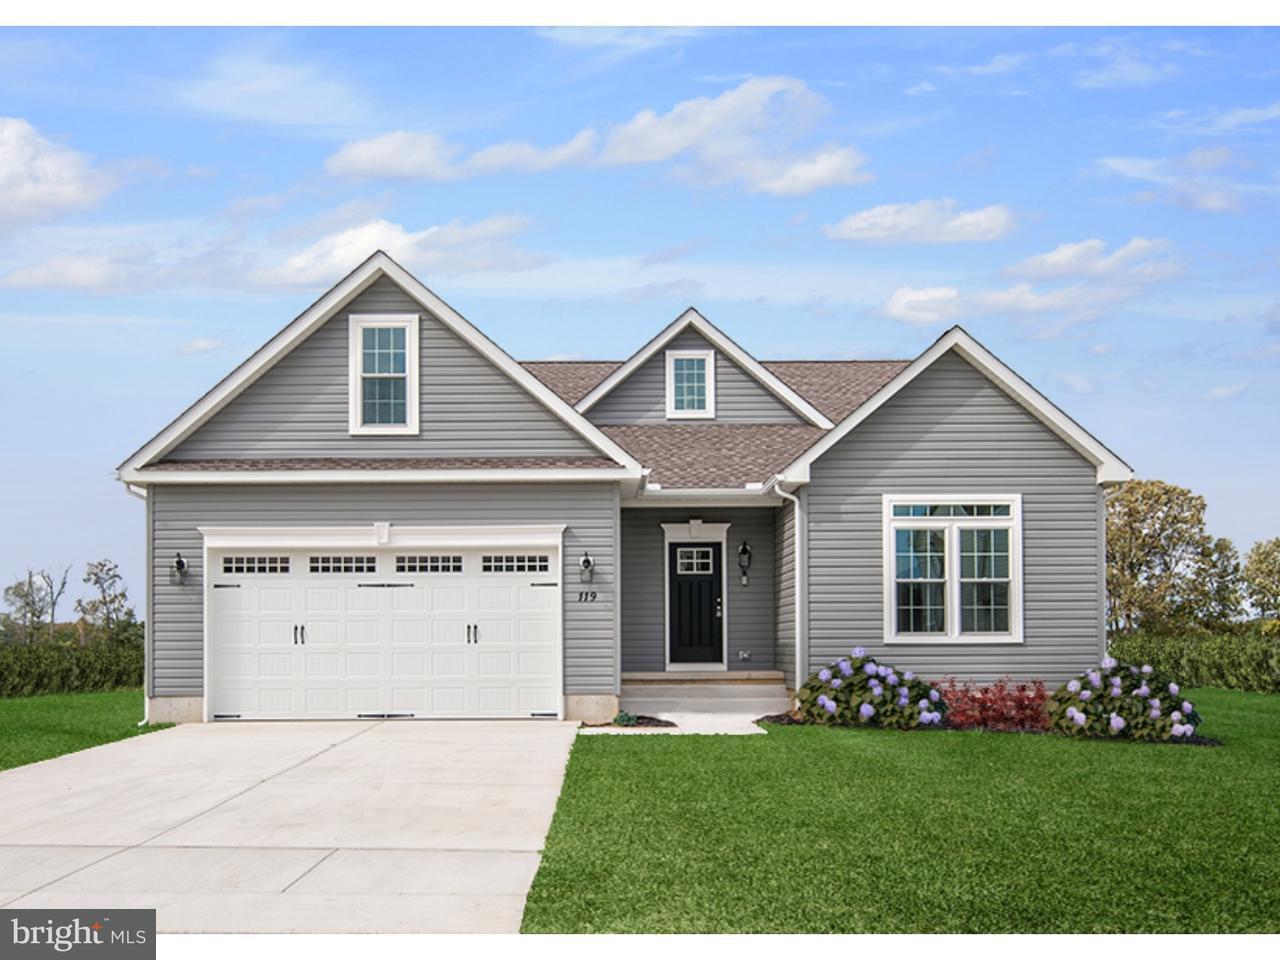 Einfamilienhaus für Verkauf beim OJU VALE BLVD Greenwood, Delaware 19950 Vereinigte Staaten